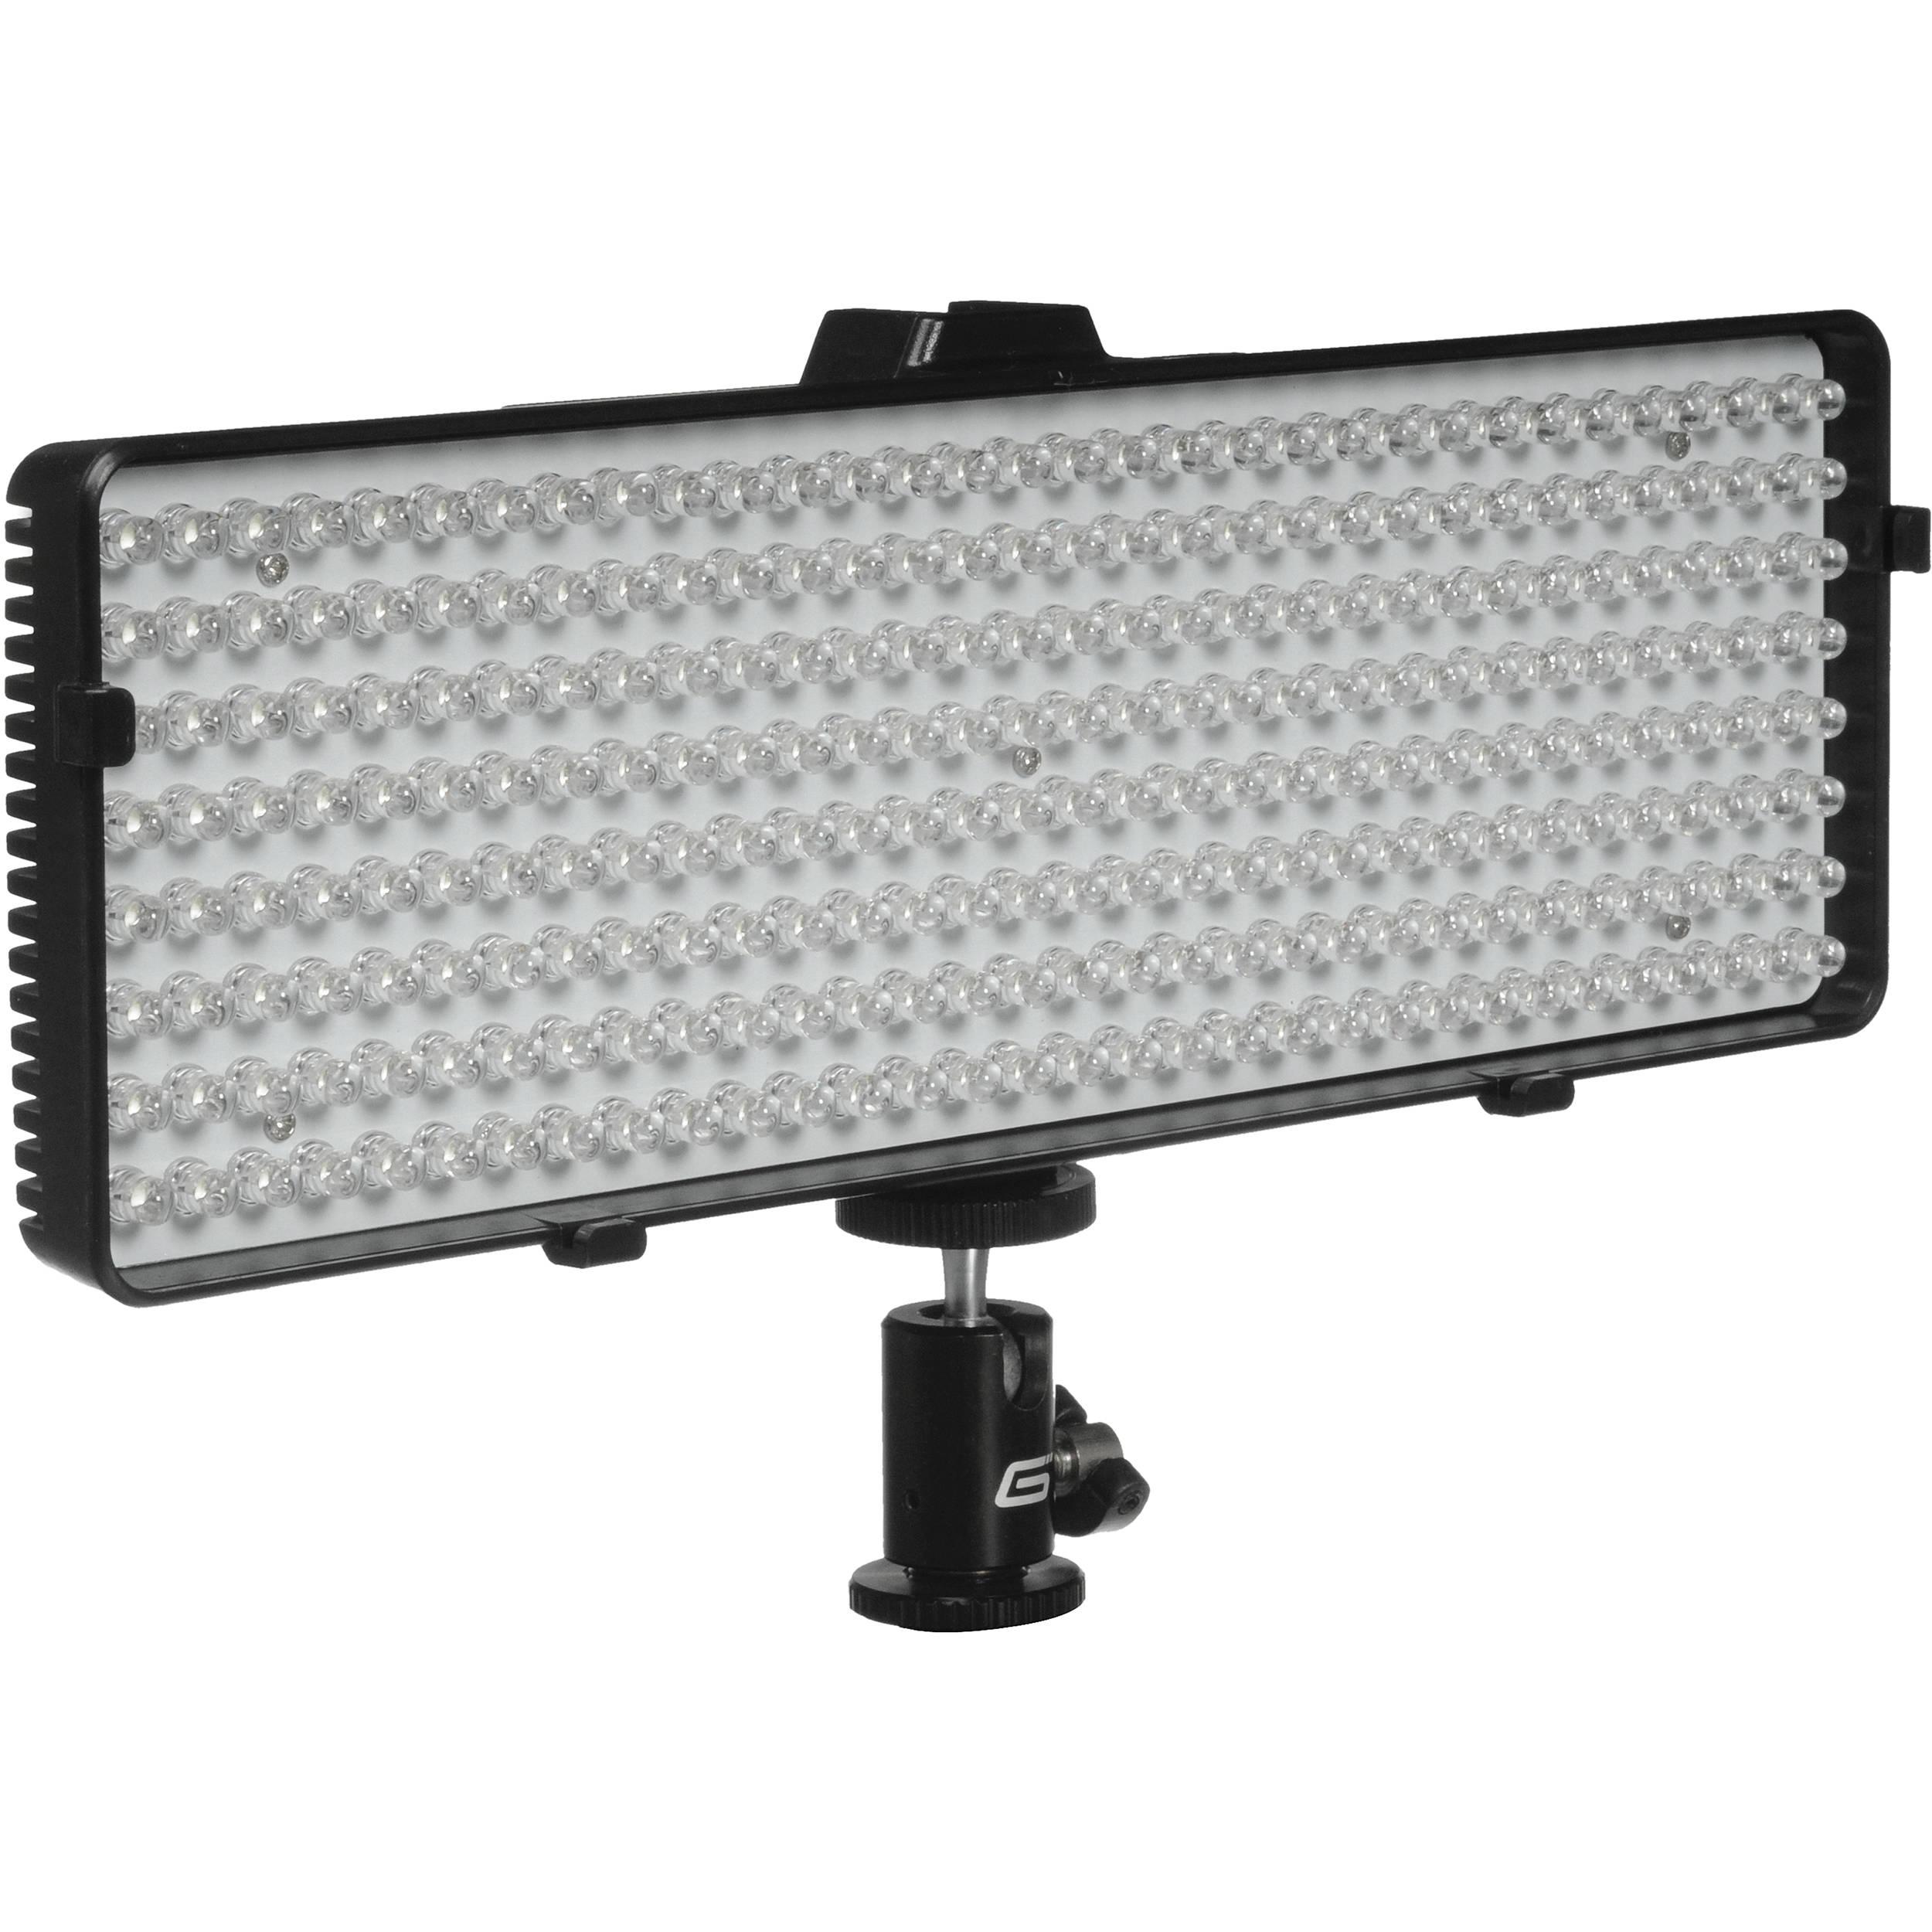 Genaray LED-6800 256 LED Daylight-Balanced On-Camera LED-6800